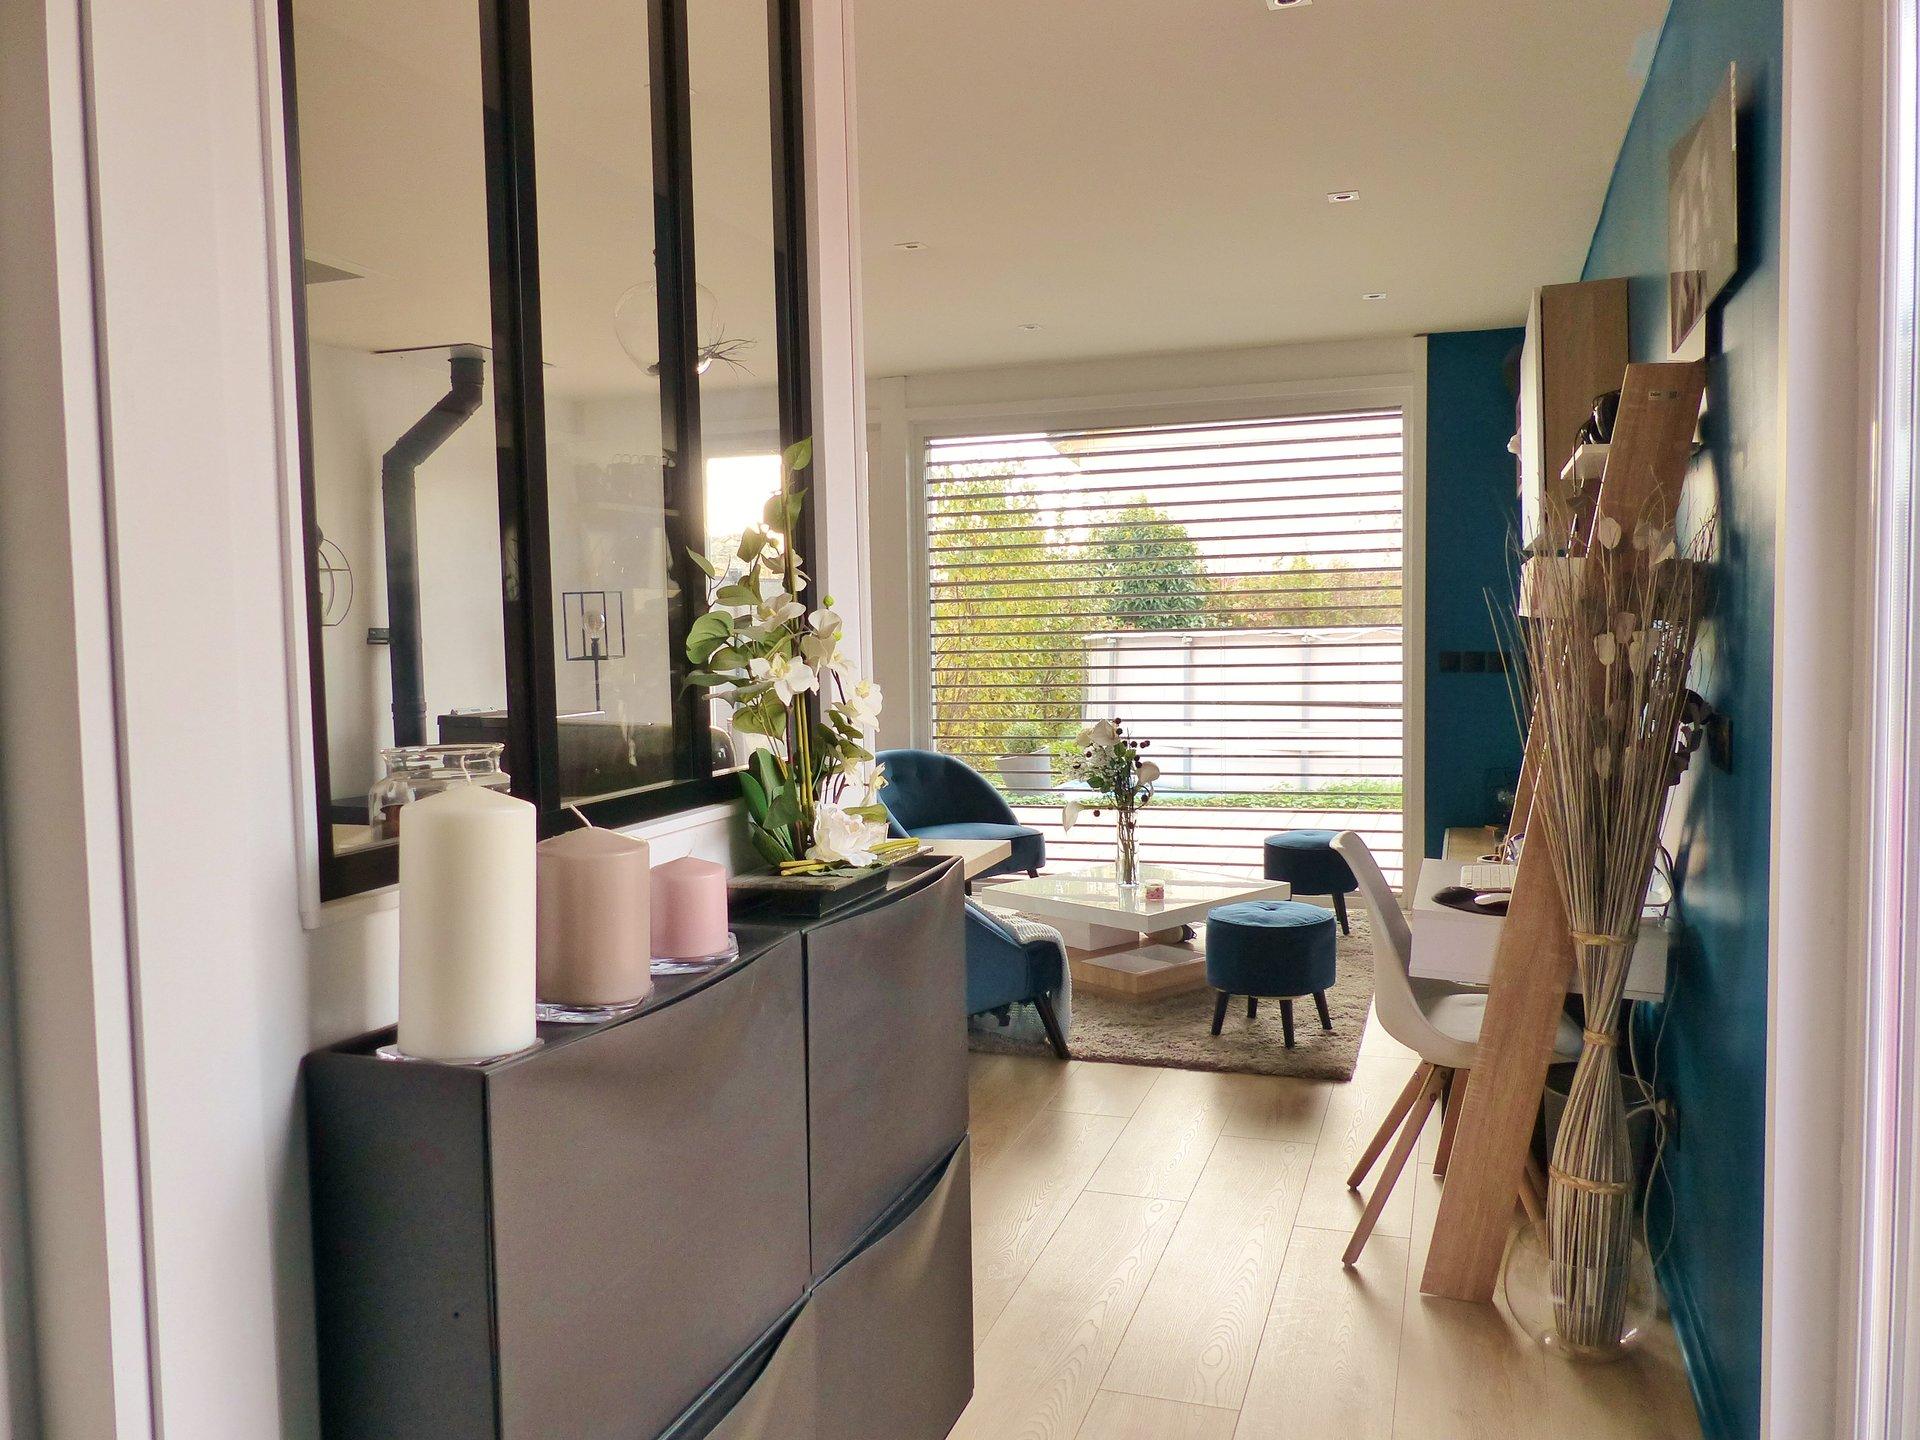 Venez découvrir cette belle maison BBC, construite en ossature bois avec un design très contemporain.  En rez de jardin, elle dispose d'une pièce à vivre extrêmement lumineuse avec cuisine équipée et d'une suite parentale avec sa salle de douche. L'étage s'ouvre quant à lui sur un dégagement desservant 3 autres chambres et une salle de bains. De grandes baies vitrées offrent une vraie sensation de plein air et donnent sur une superbe terrasse de 100 m² puis son jardin parfaitement aménagé (parcelle de 480 m² piscinable). Vous cherchez une maison contemporaine (ouvertures, design, brises soleil orientables..), économe et écologique (BBC, chauffe eau thermodynamique, consommation énergétique faible, vraie isolation thermo-acoustique..)? Ne cherchez plus, vous l'avez trouvé ! Honoraires à la charge des vendeurs.